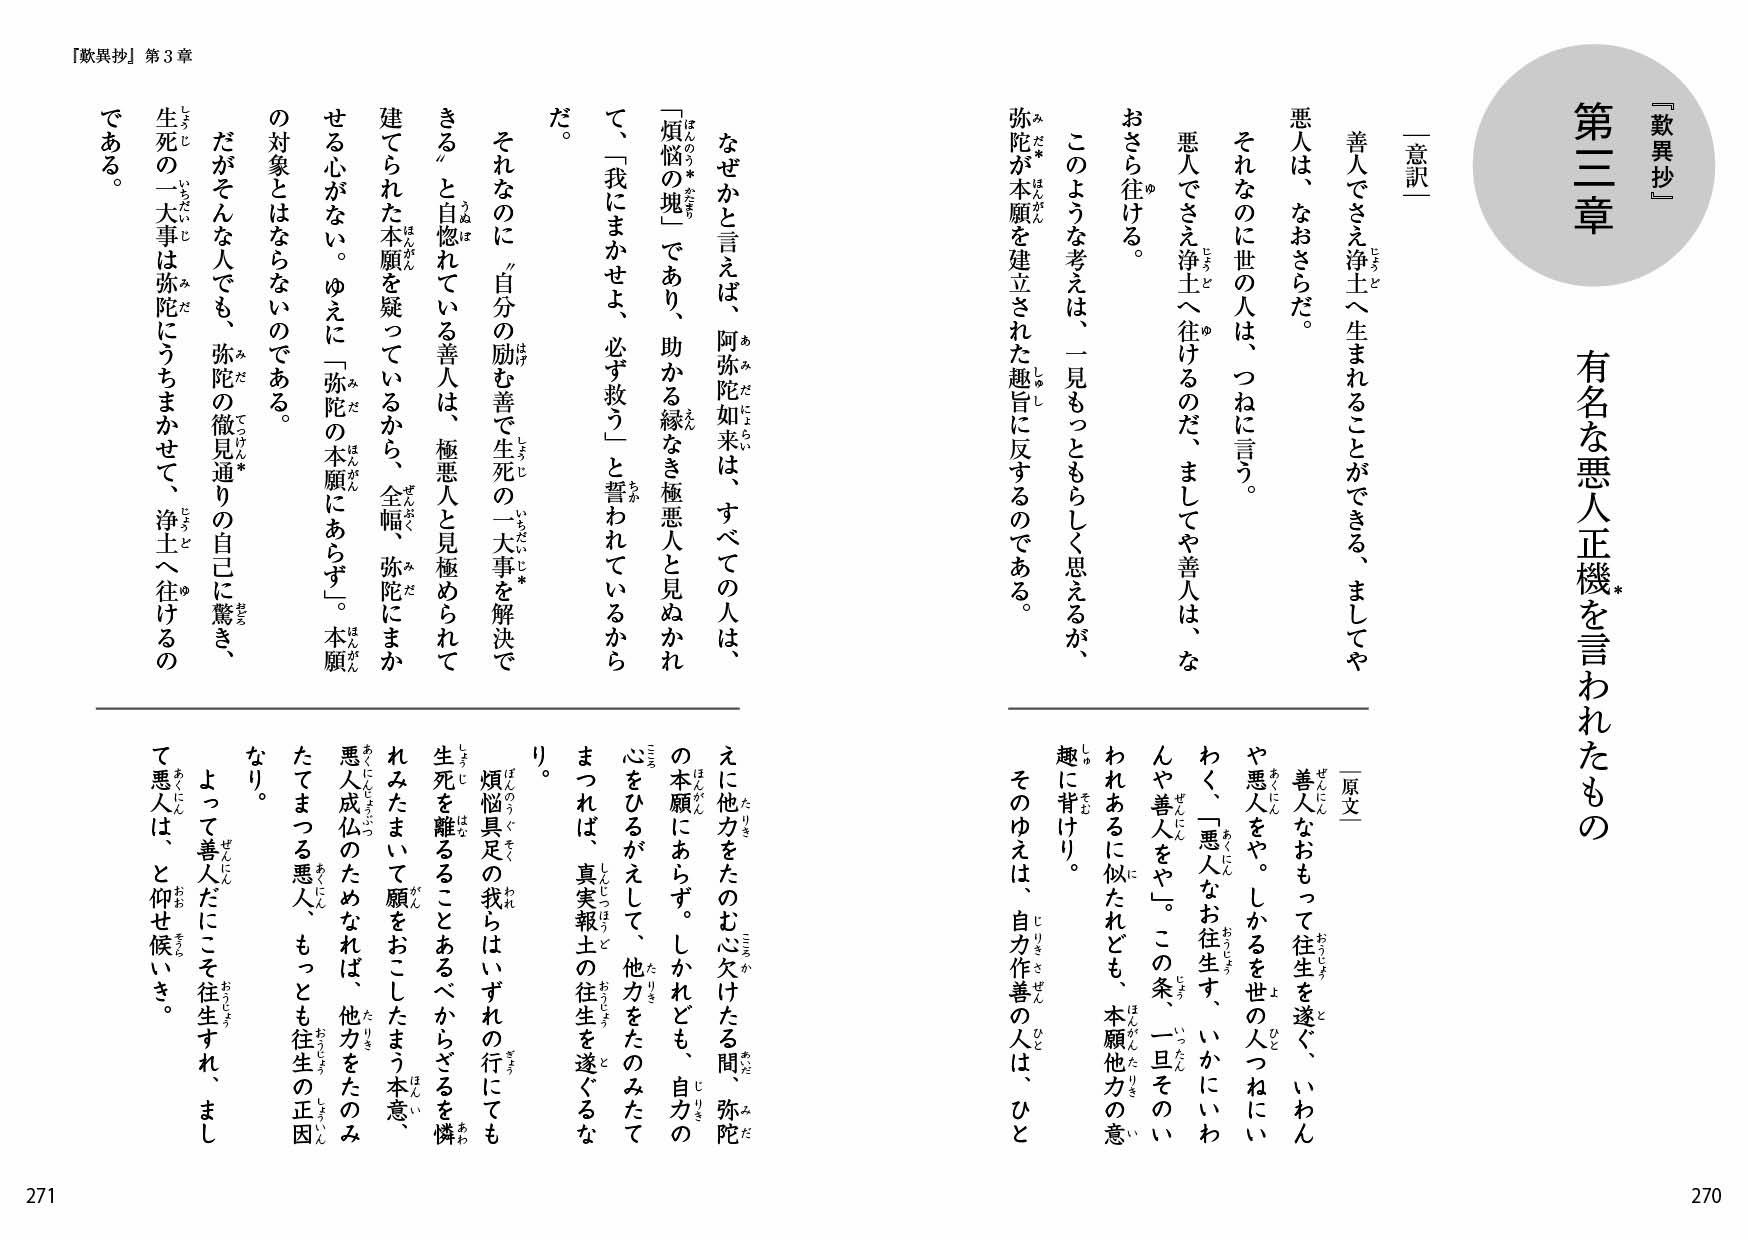 『マンガ歎異抄をひらく』を試し読みの画像9